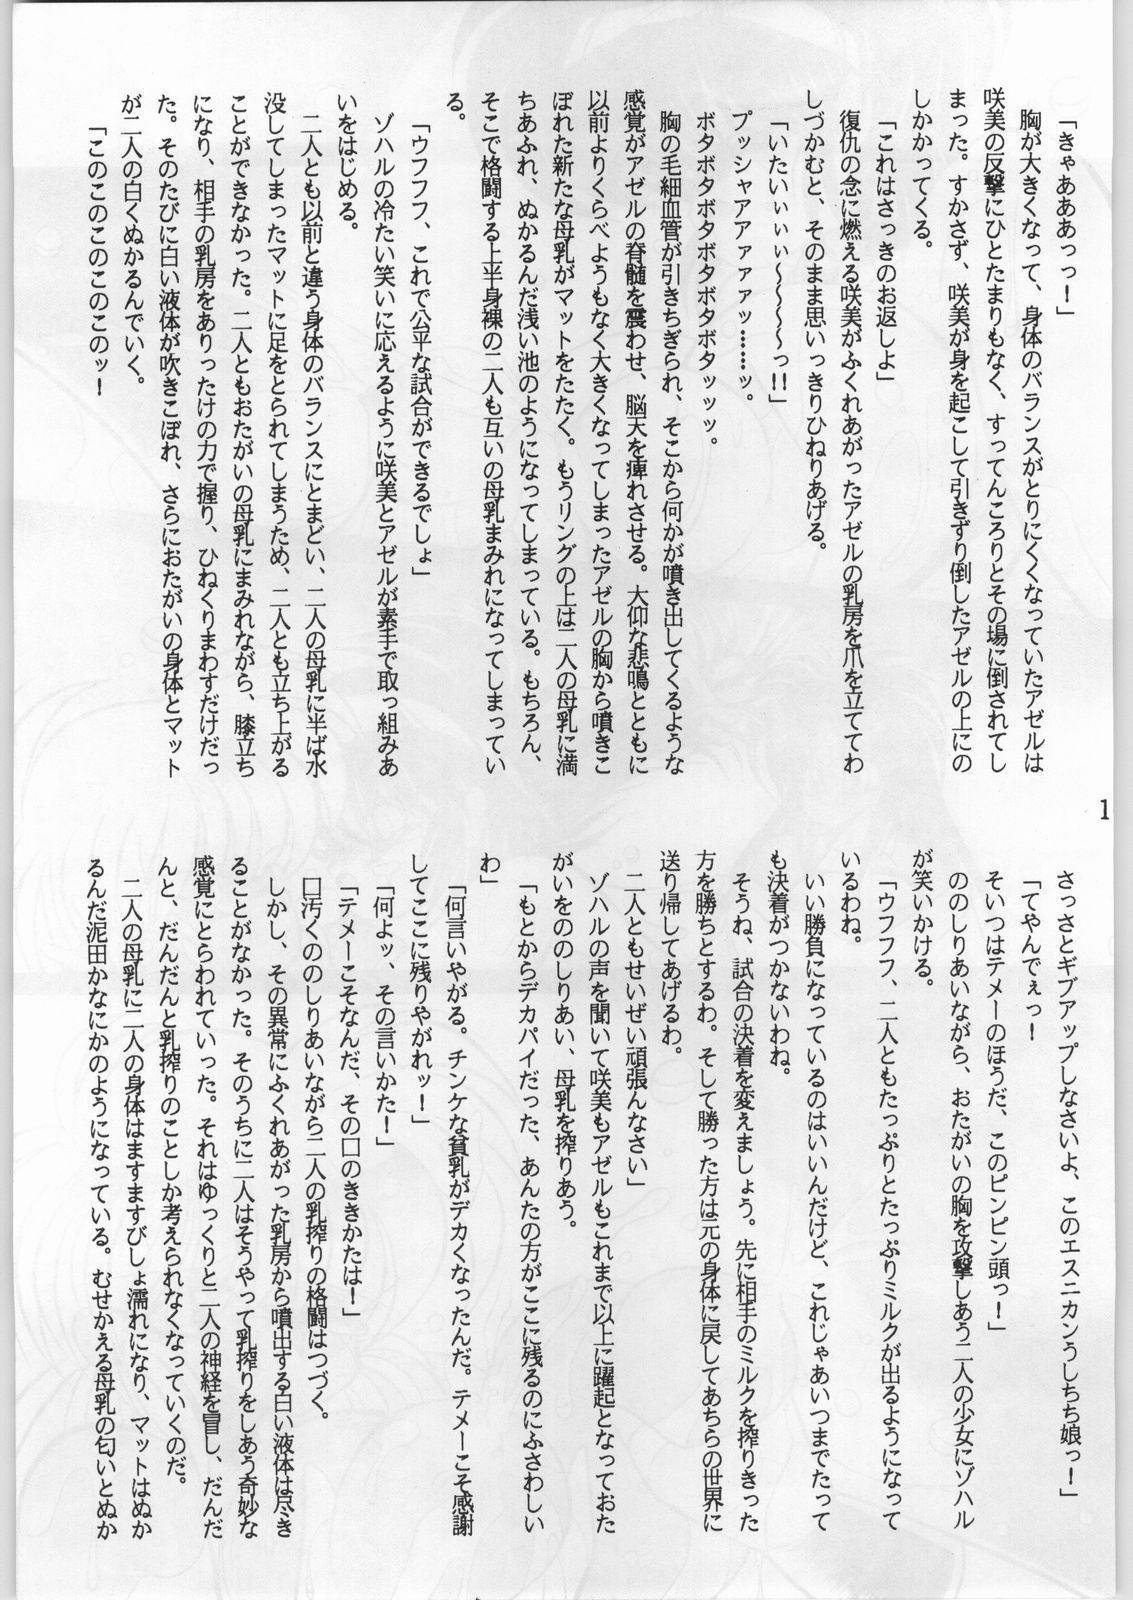 Bouhatsu Komusume 107